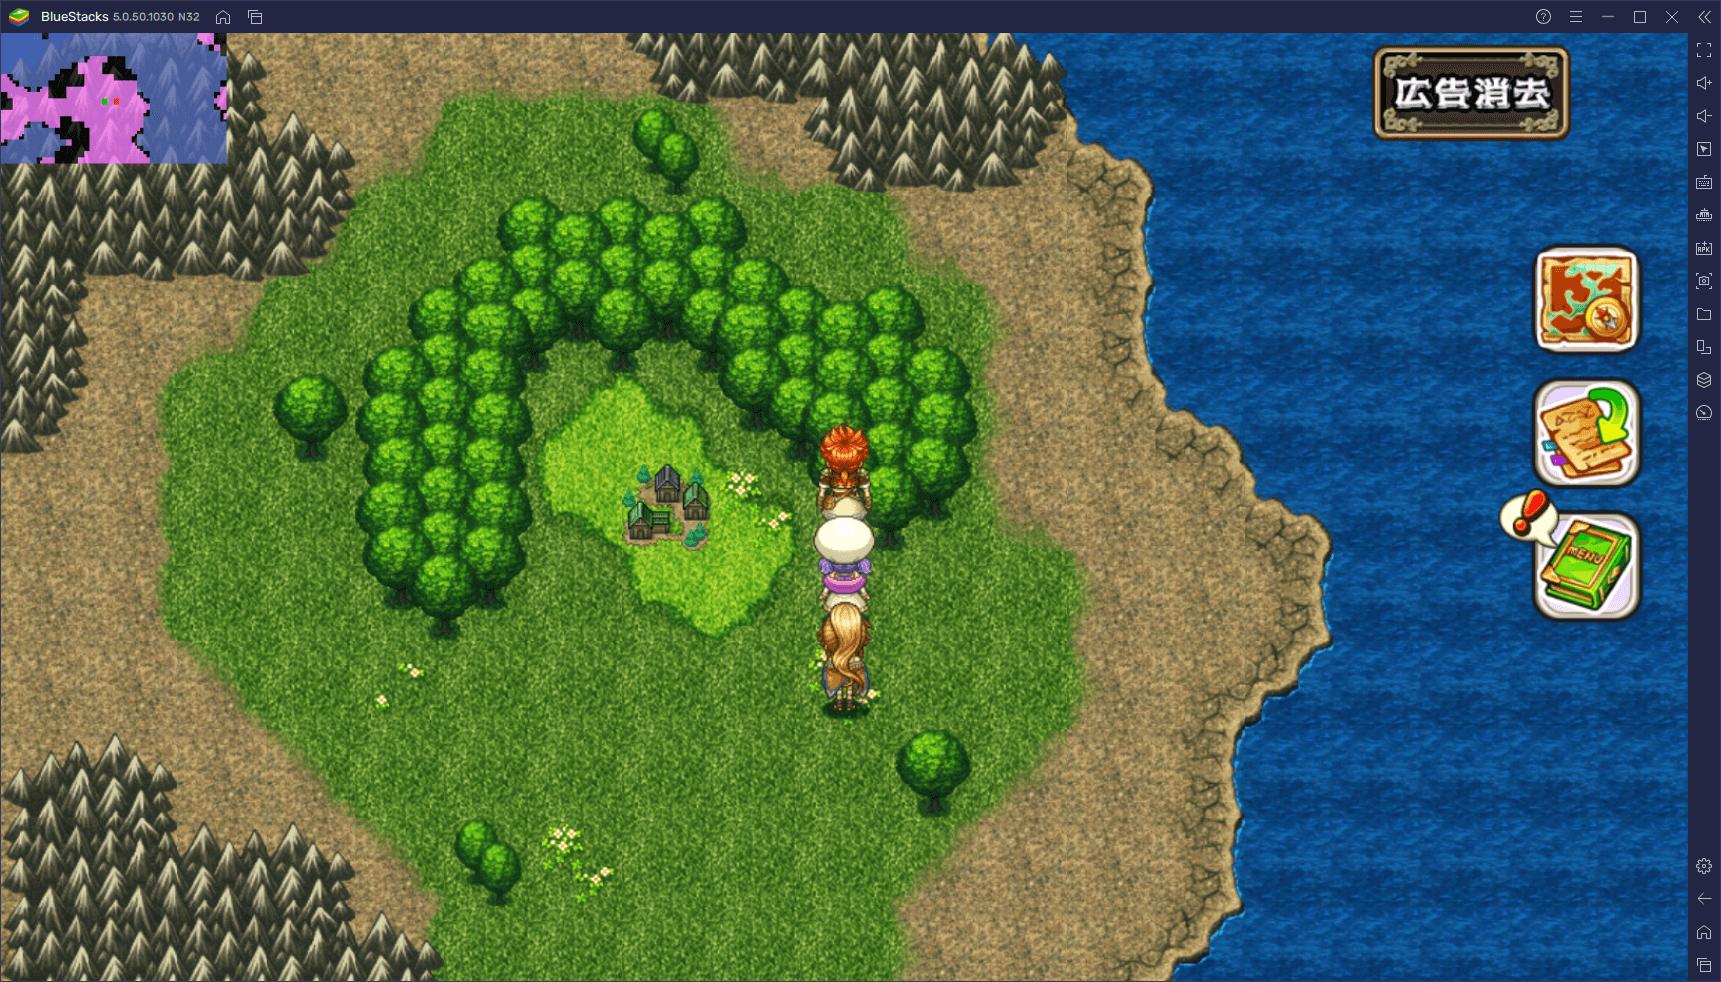 BlueStacksを使ってPCで『RPG インフィニットリンクス』を遊ぼう